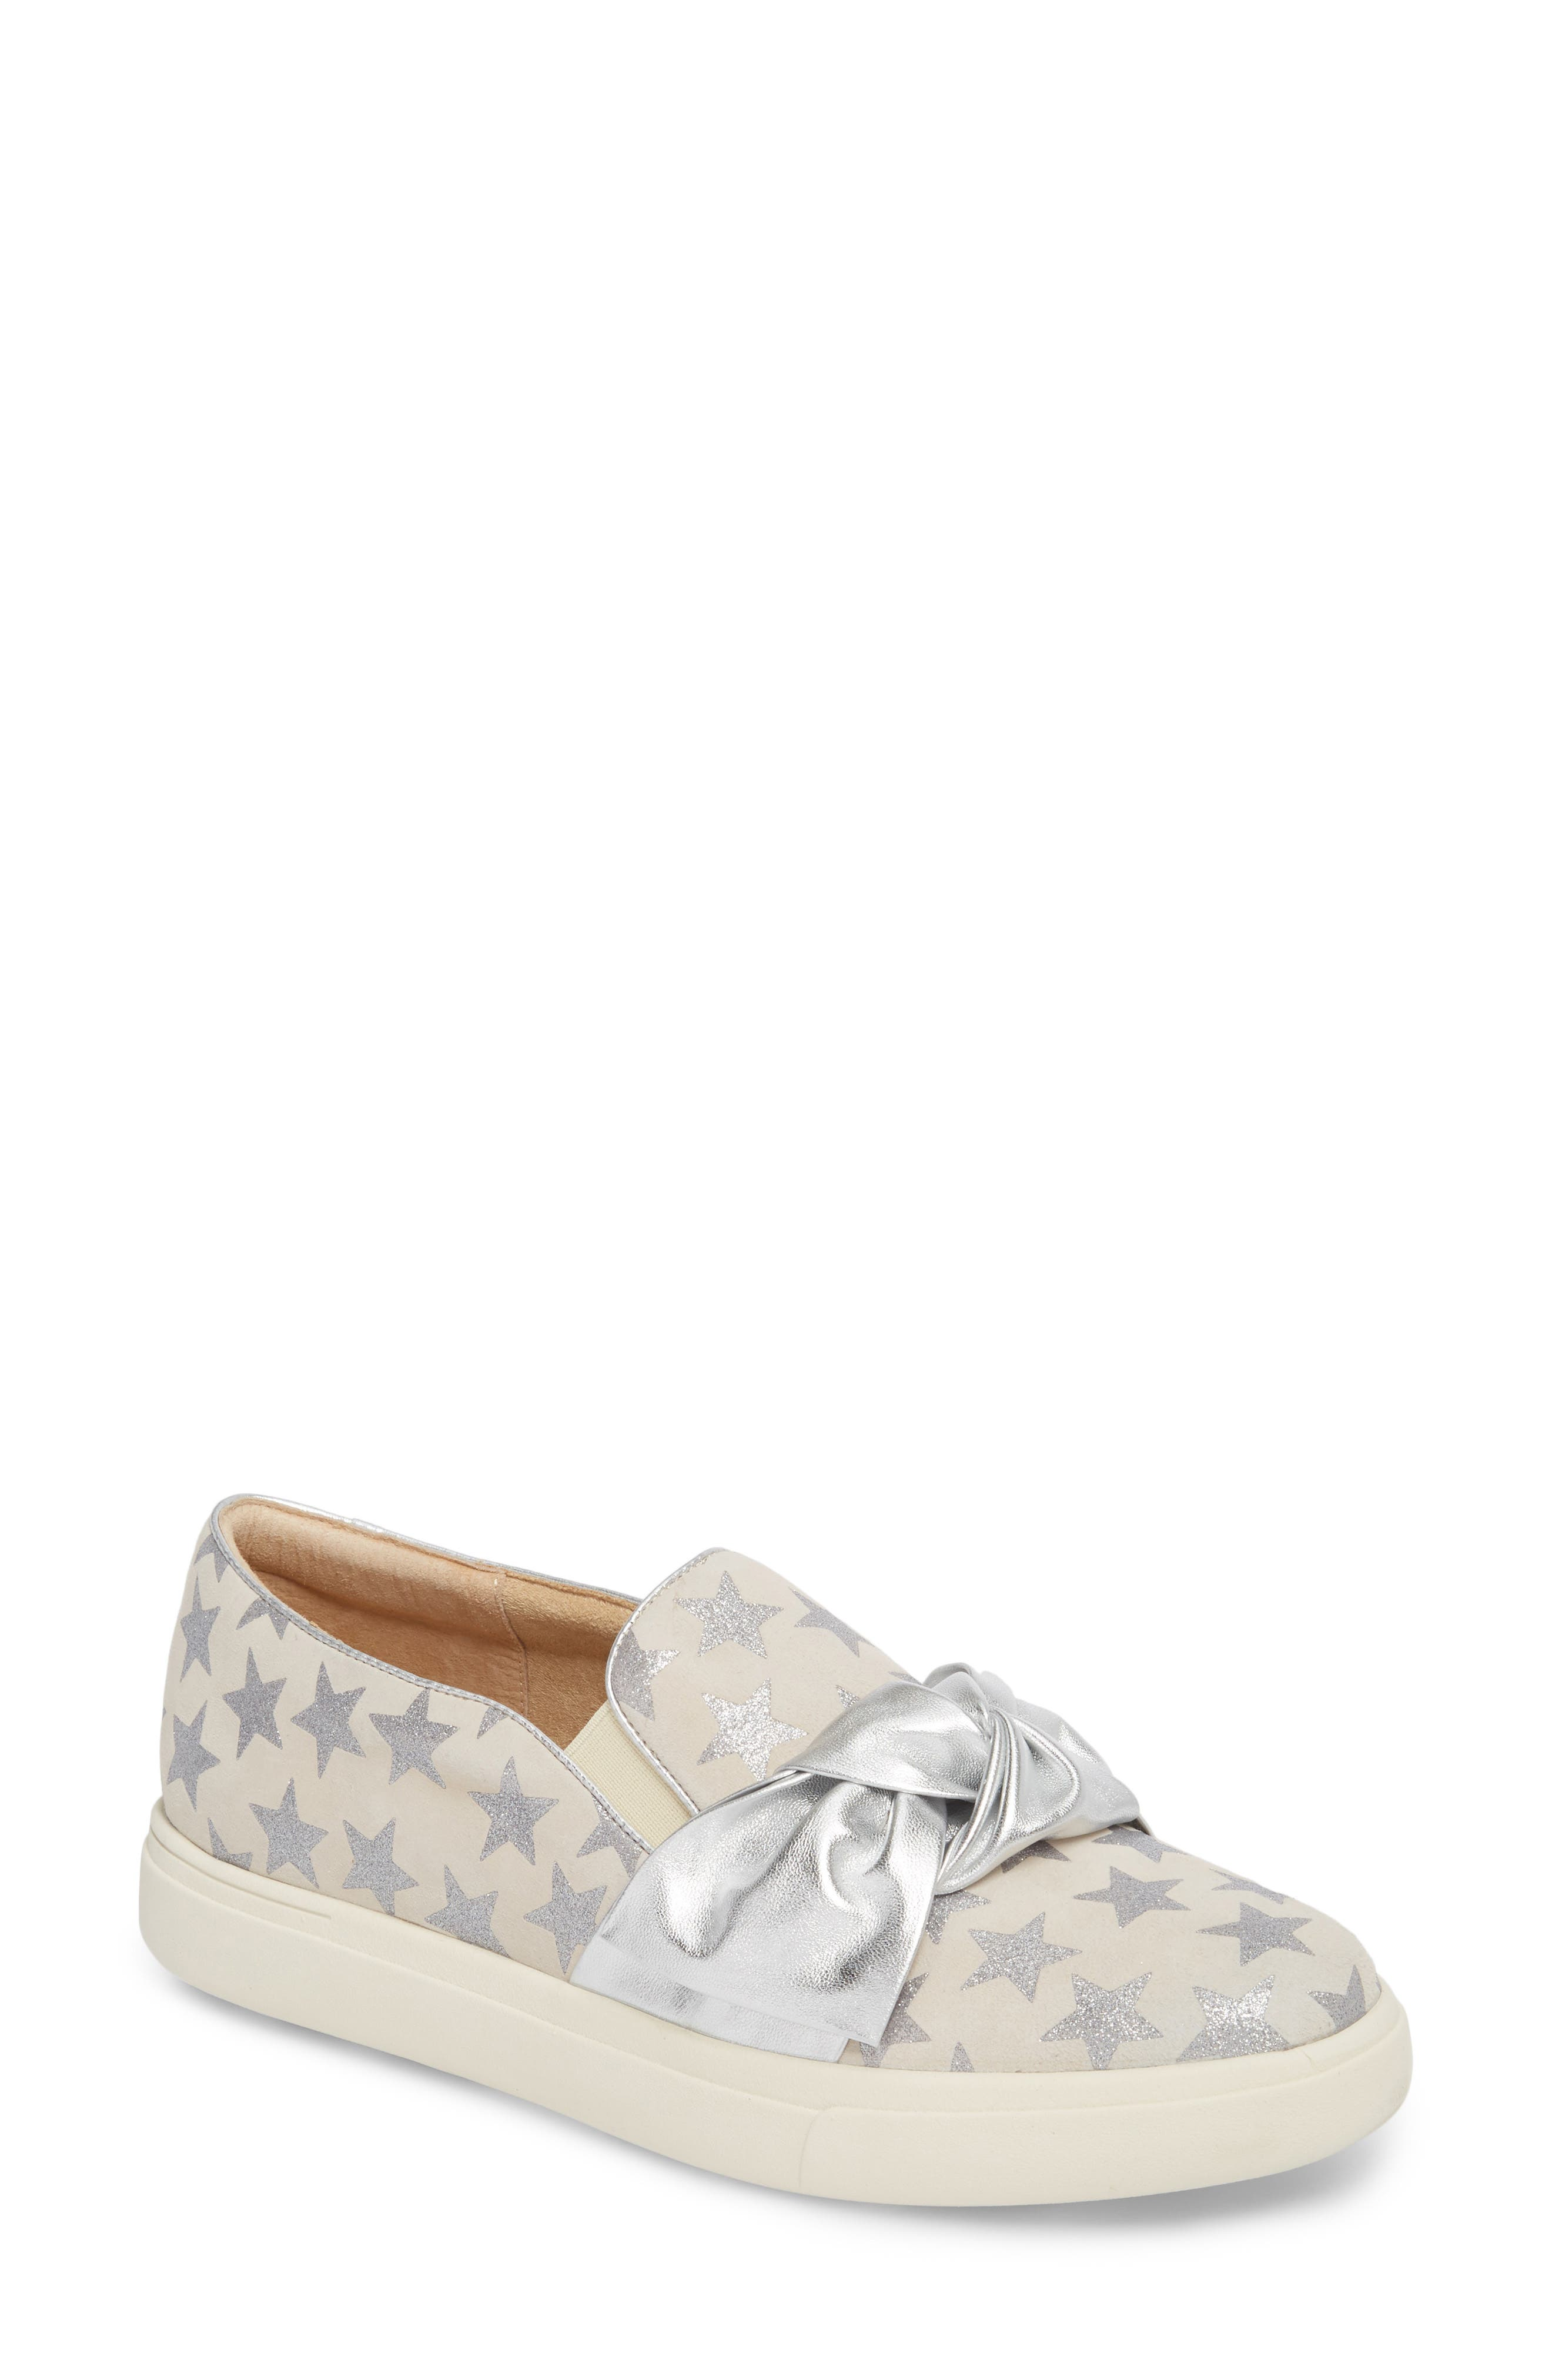 VANELi Odelet Slip-On Sneaker (Women)